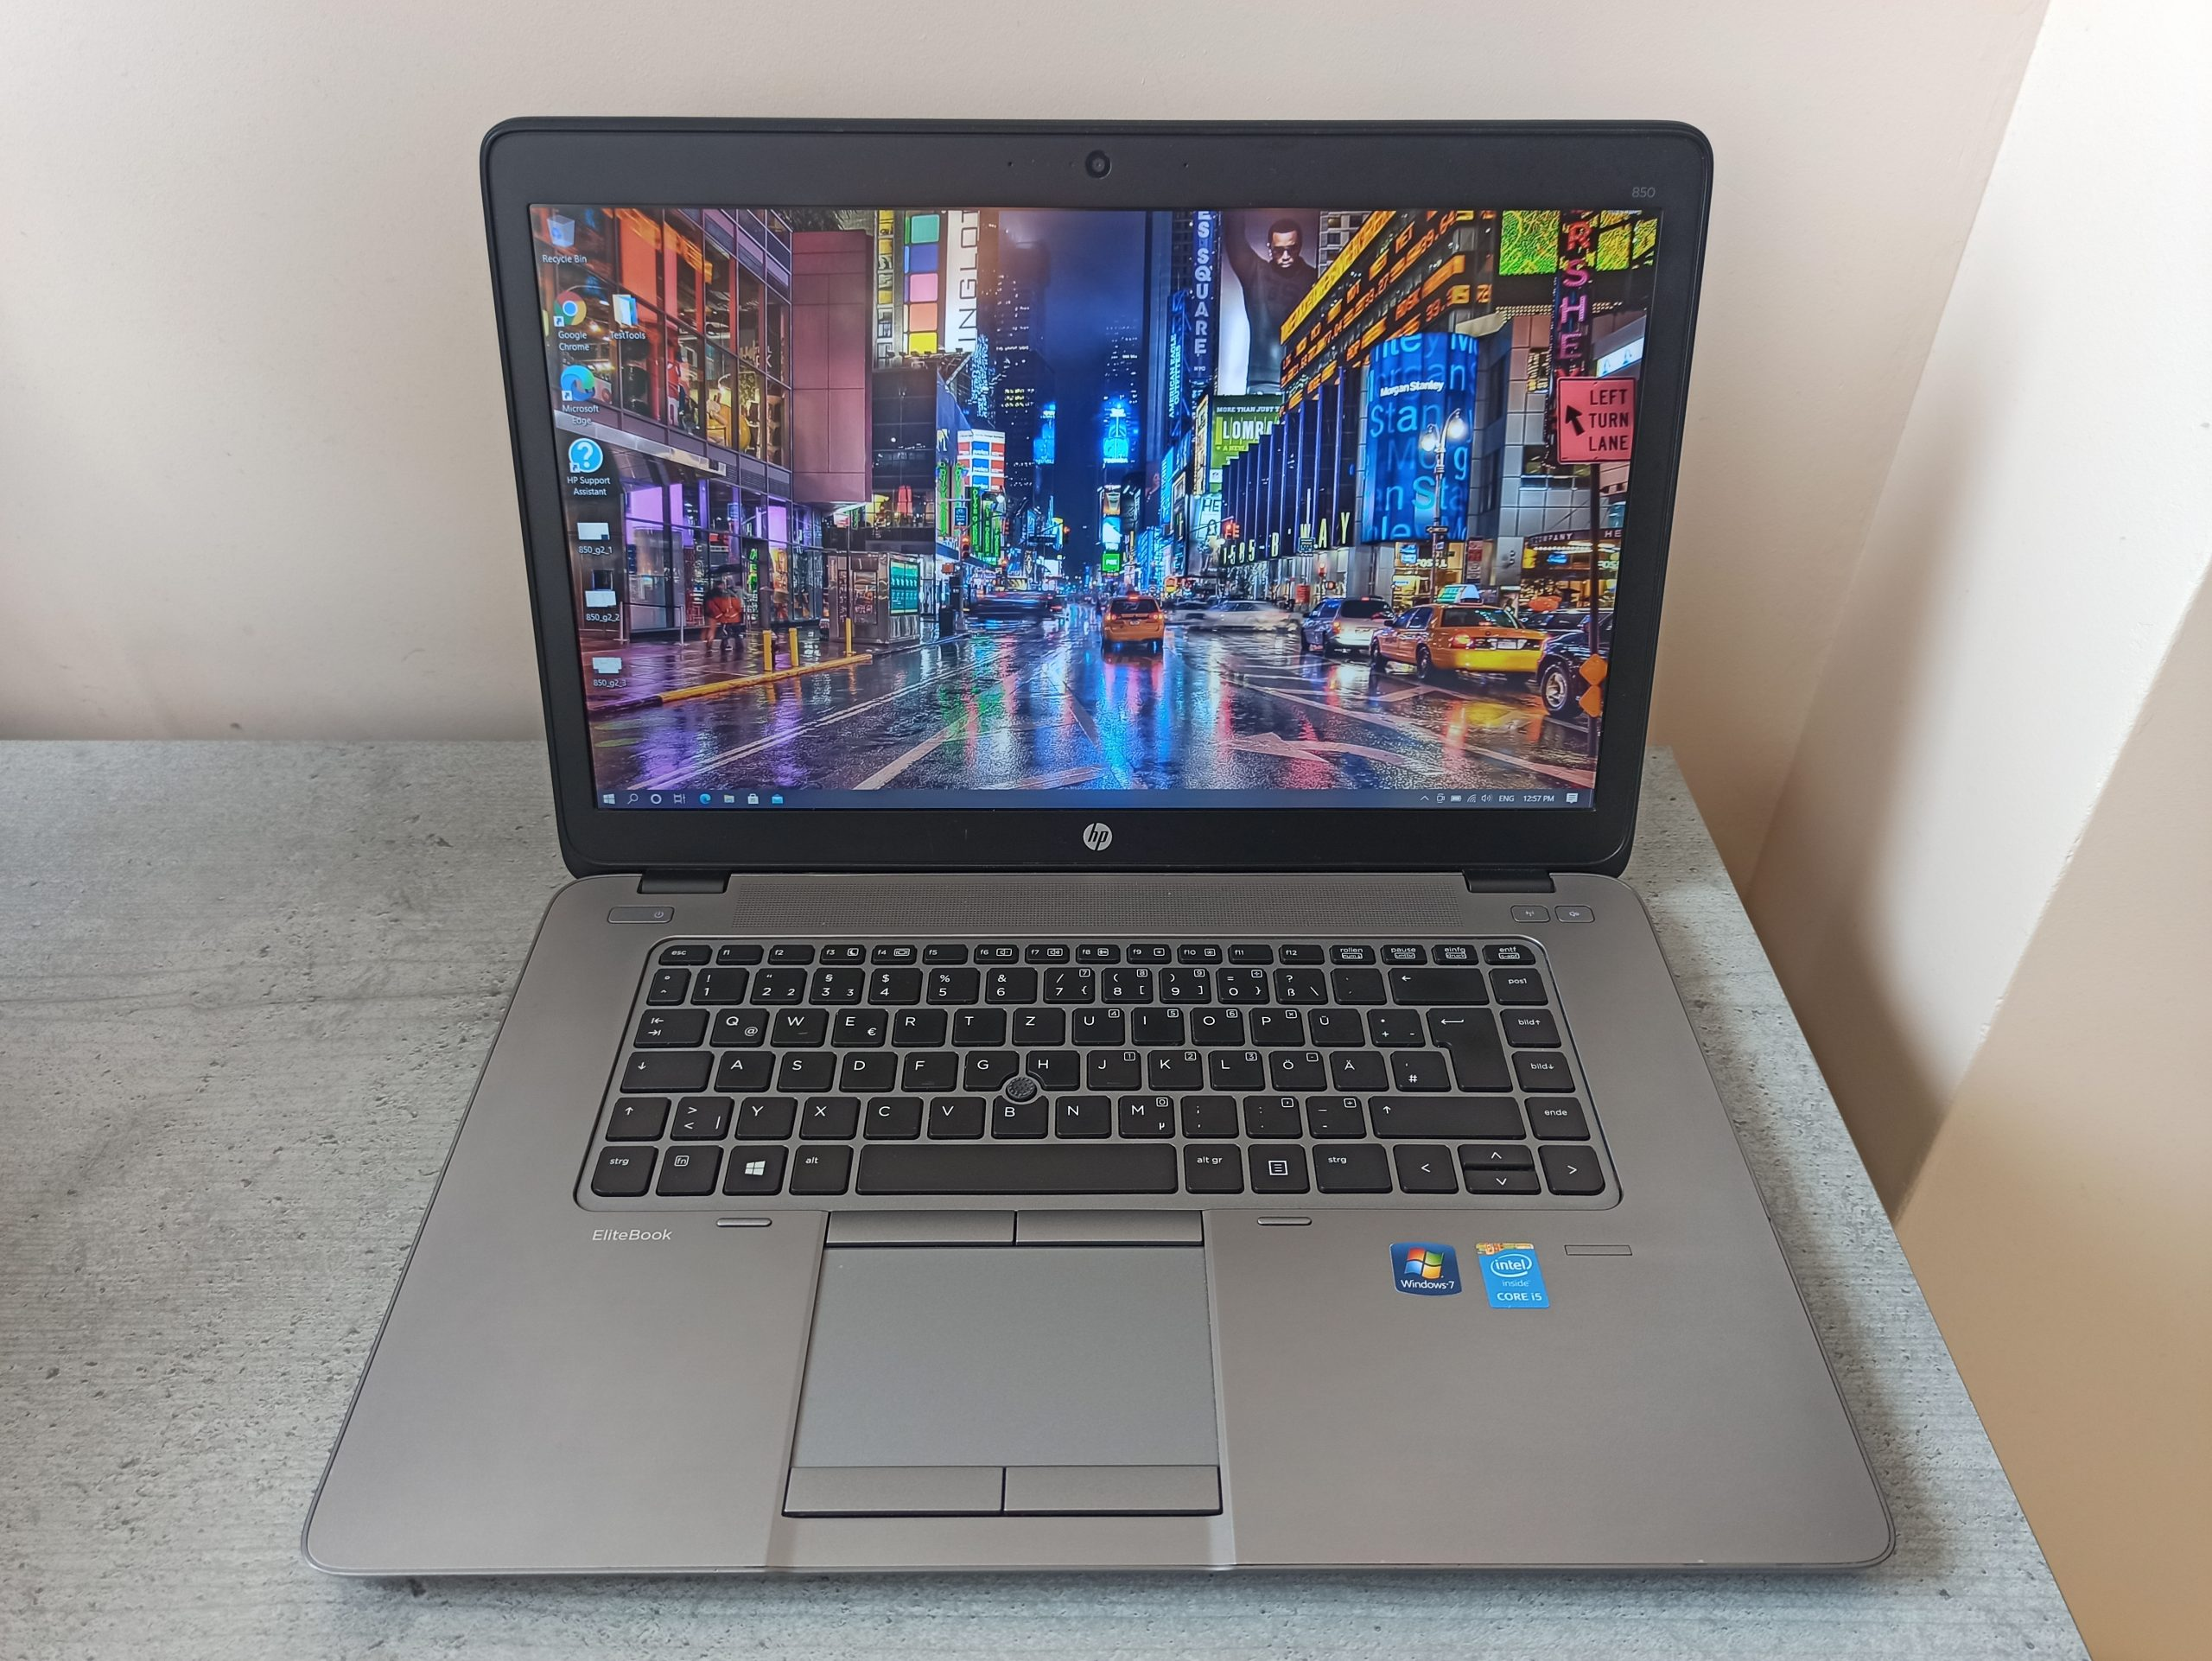 HP Elitebook 850 G2 FHD i5-5200U/128GB/8GB